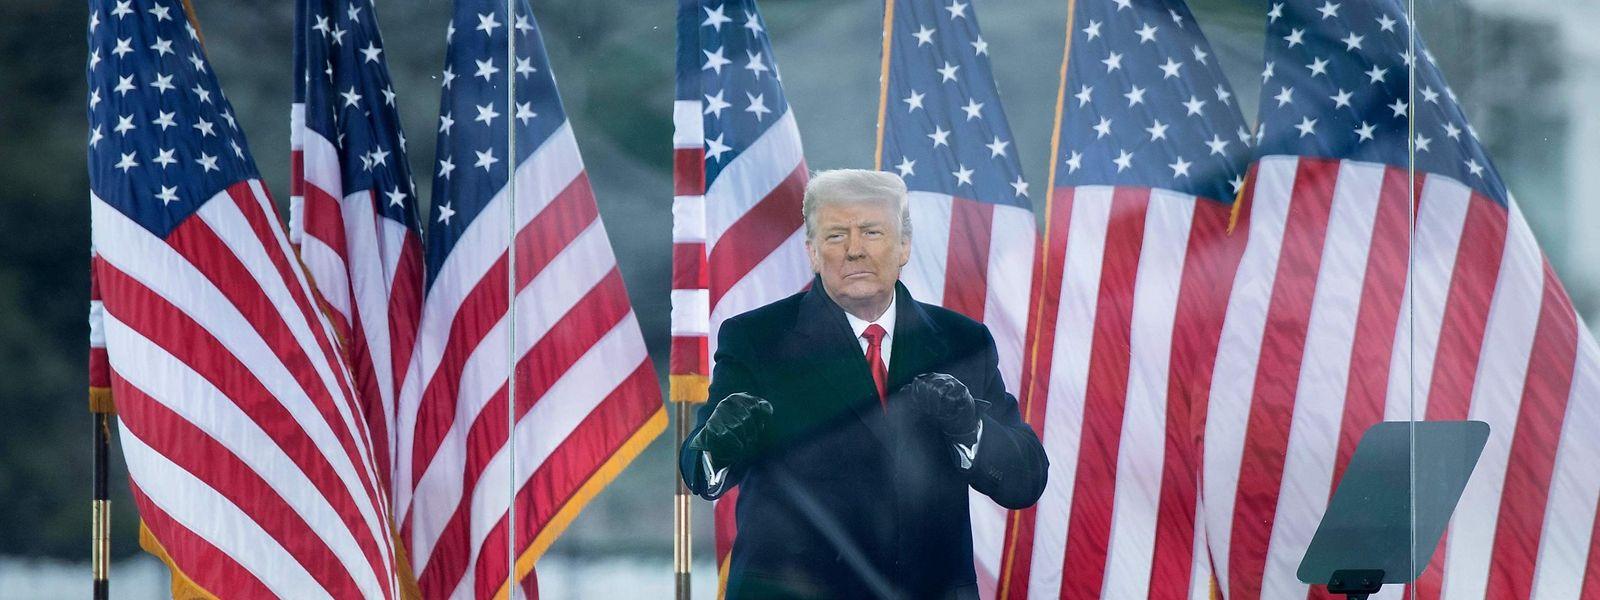 Im Verfahren geht es um Trumps Rolle bei der Erstürmung des Kapitols durch seine Anhänger am vergangenen Mittwoch.